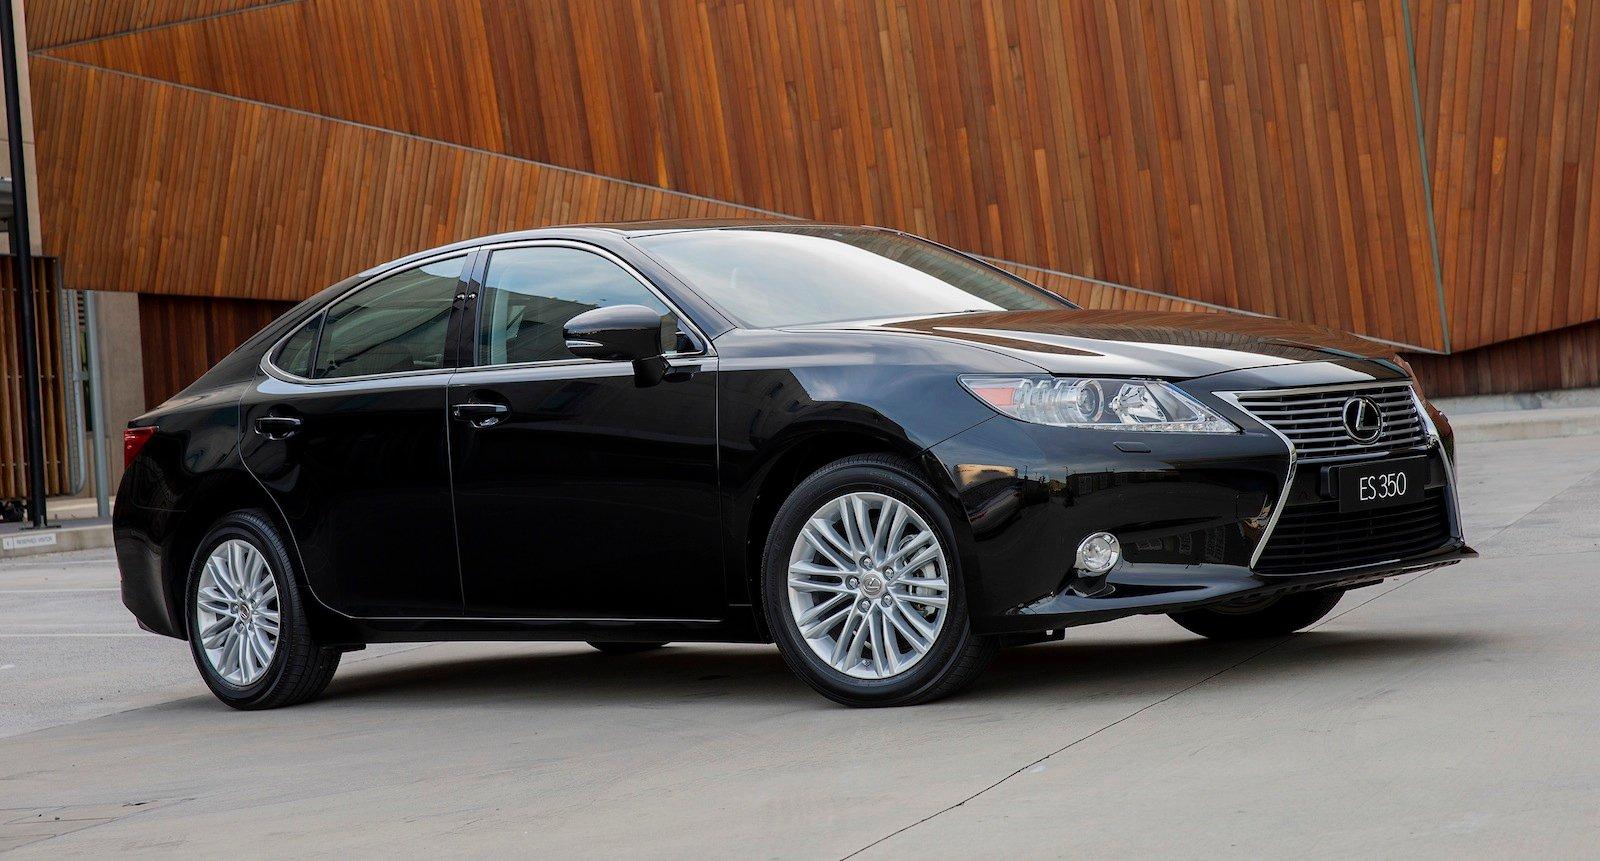 Luxury Vehicle: Lexus ES: Large Luxury Sedan Returns From $63,000